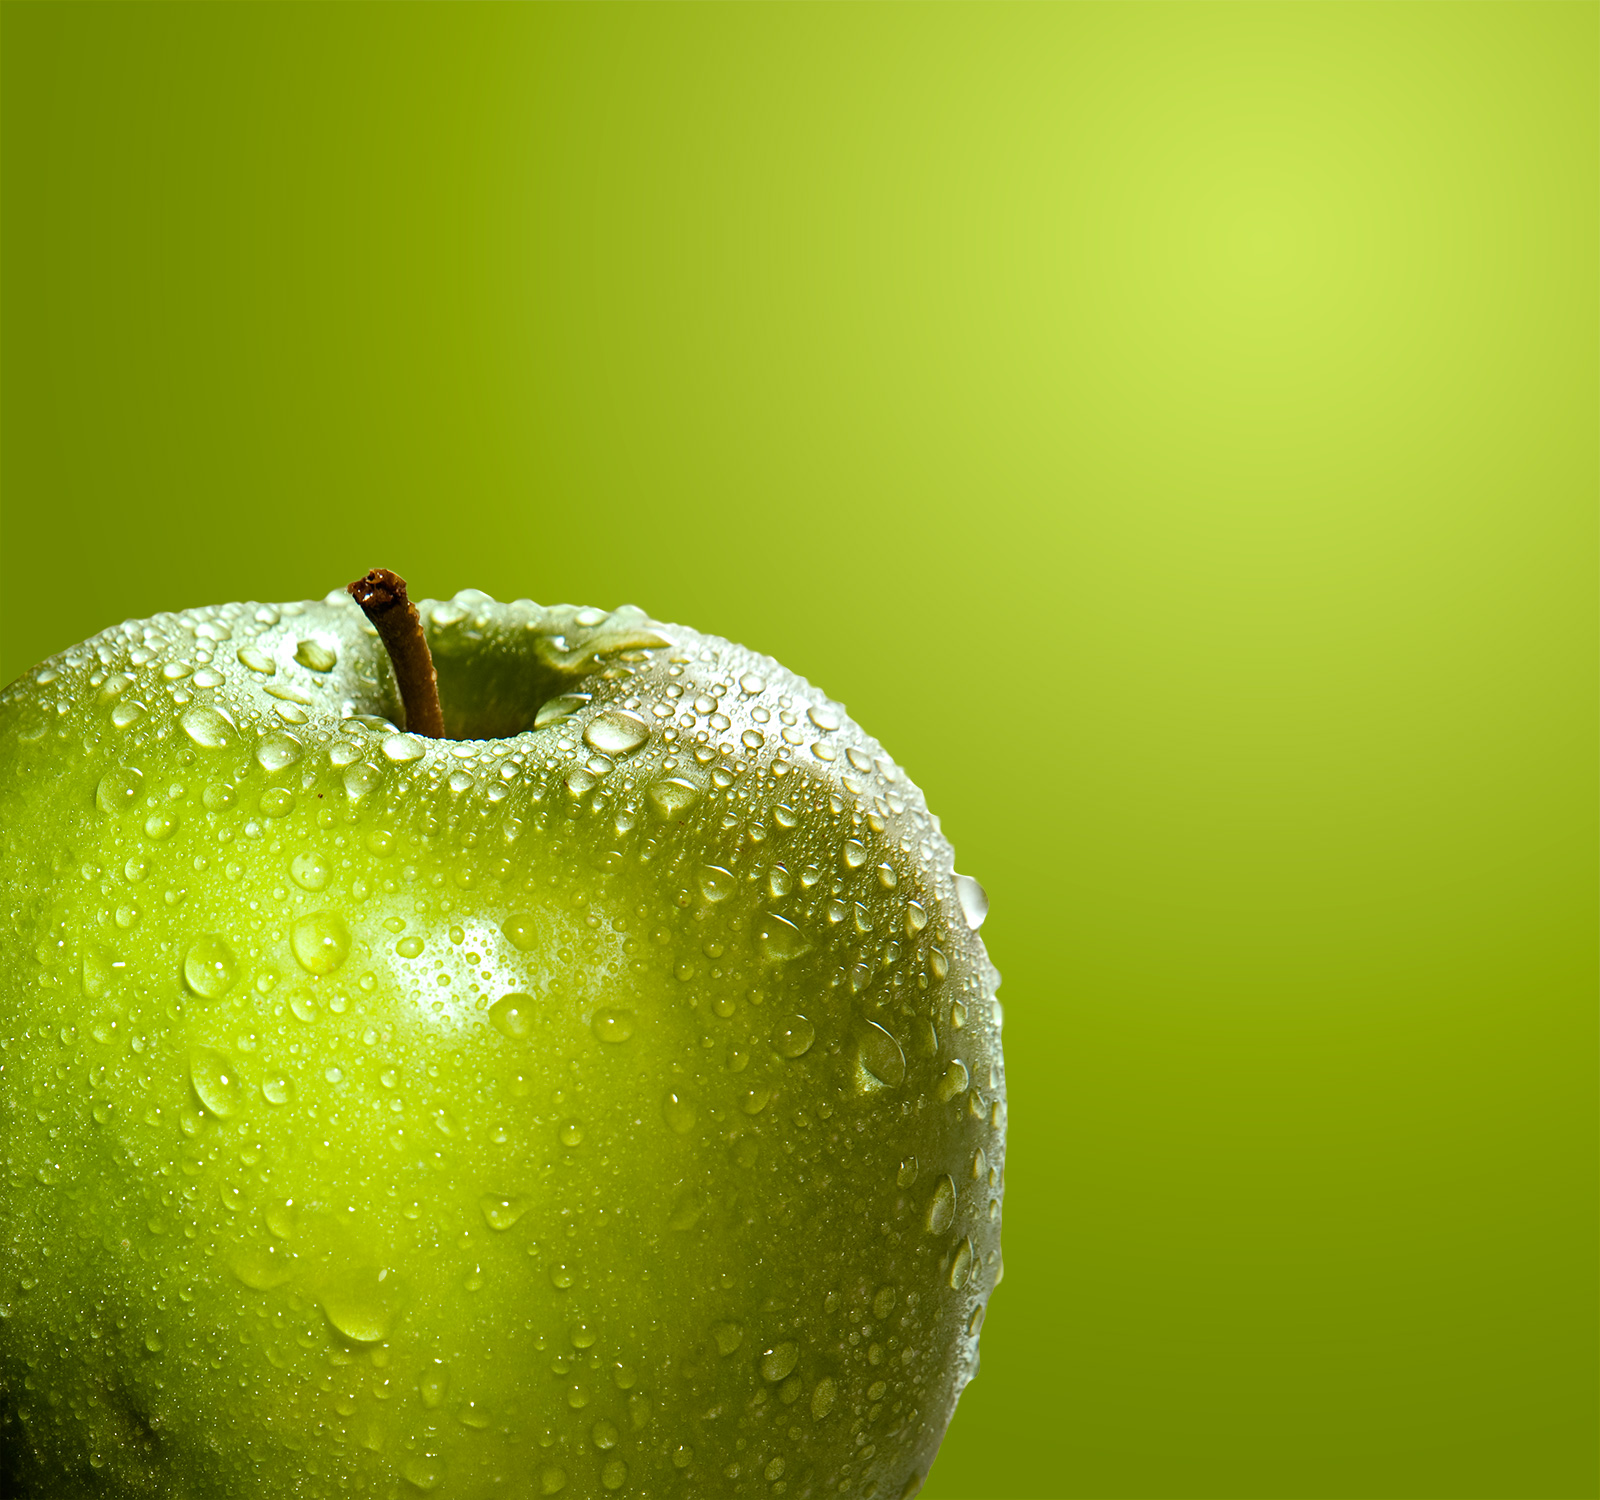 applesquare_on_green.jpg